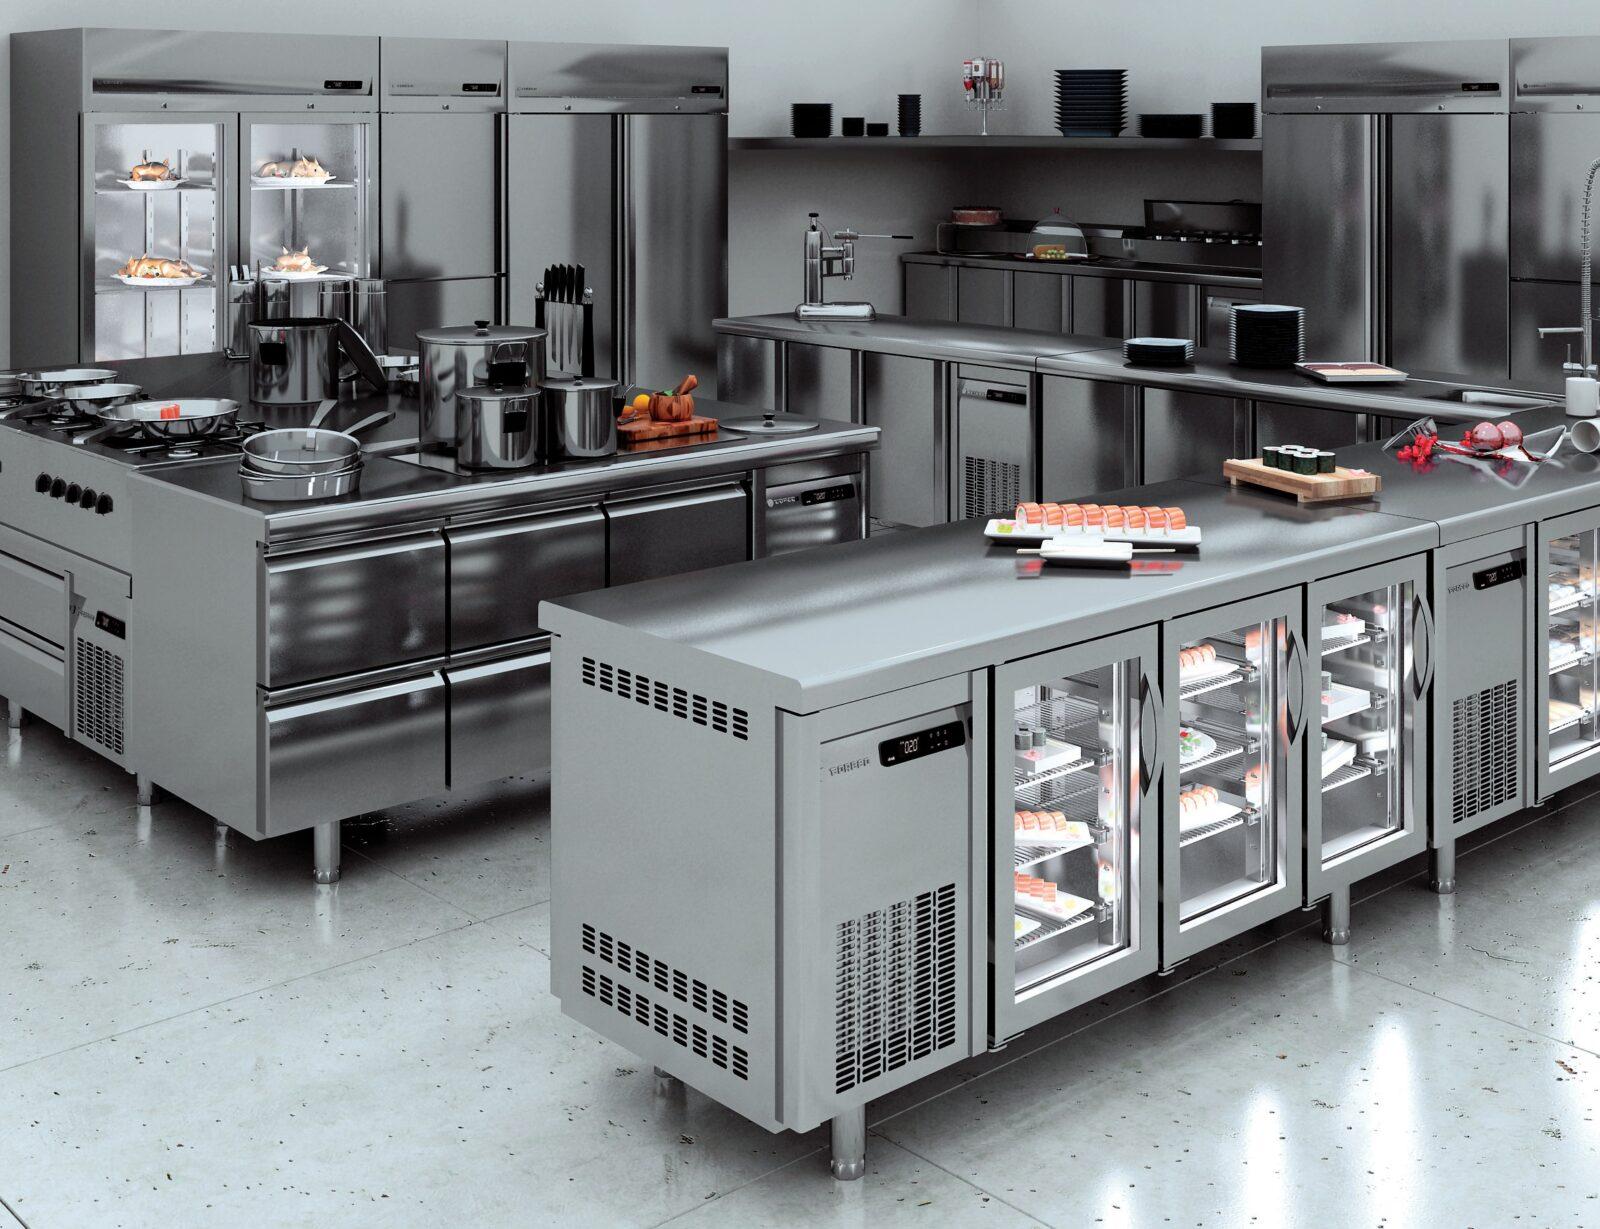 Кухонное оборудование: основные критерии выбора, какое оно бывает, что нужно о нем знать, как планировать площадь, где выбирать?